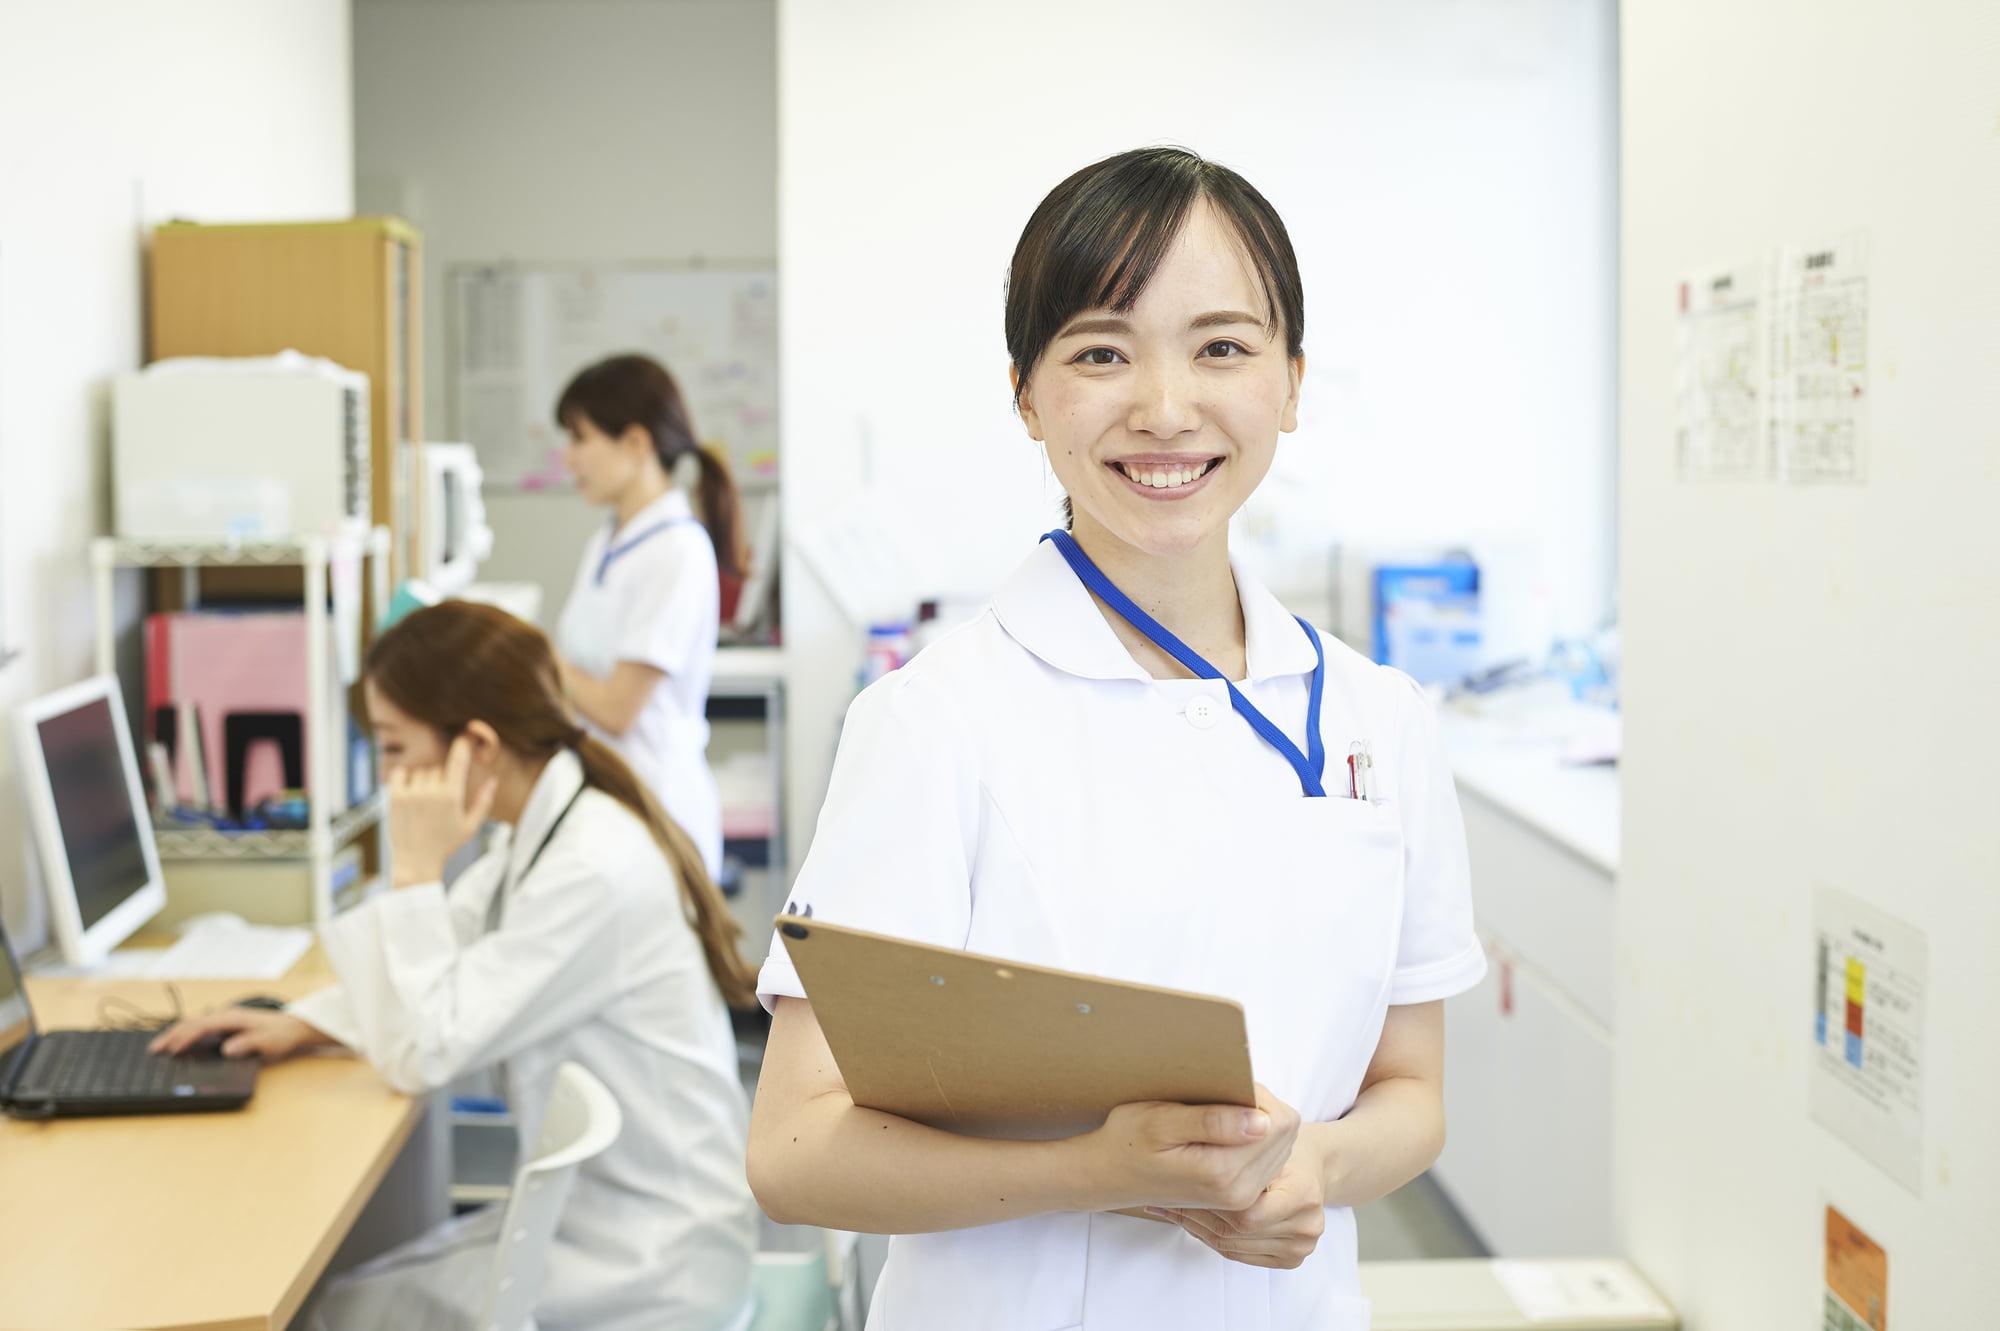 派遣-健康診断で利用される病院